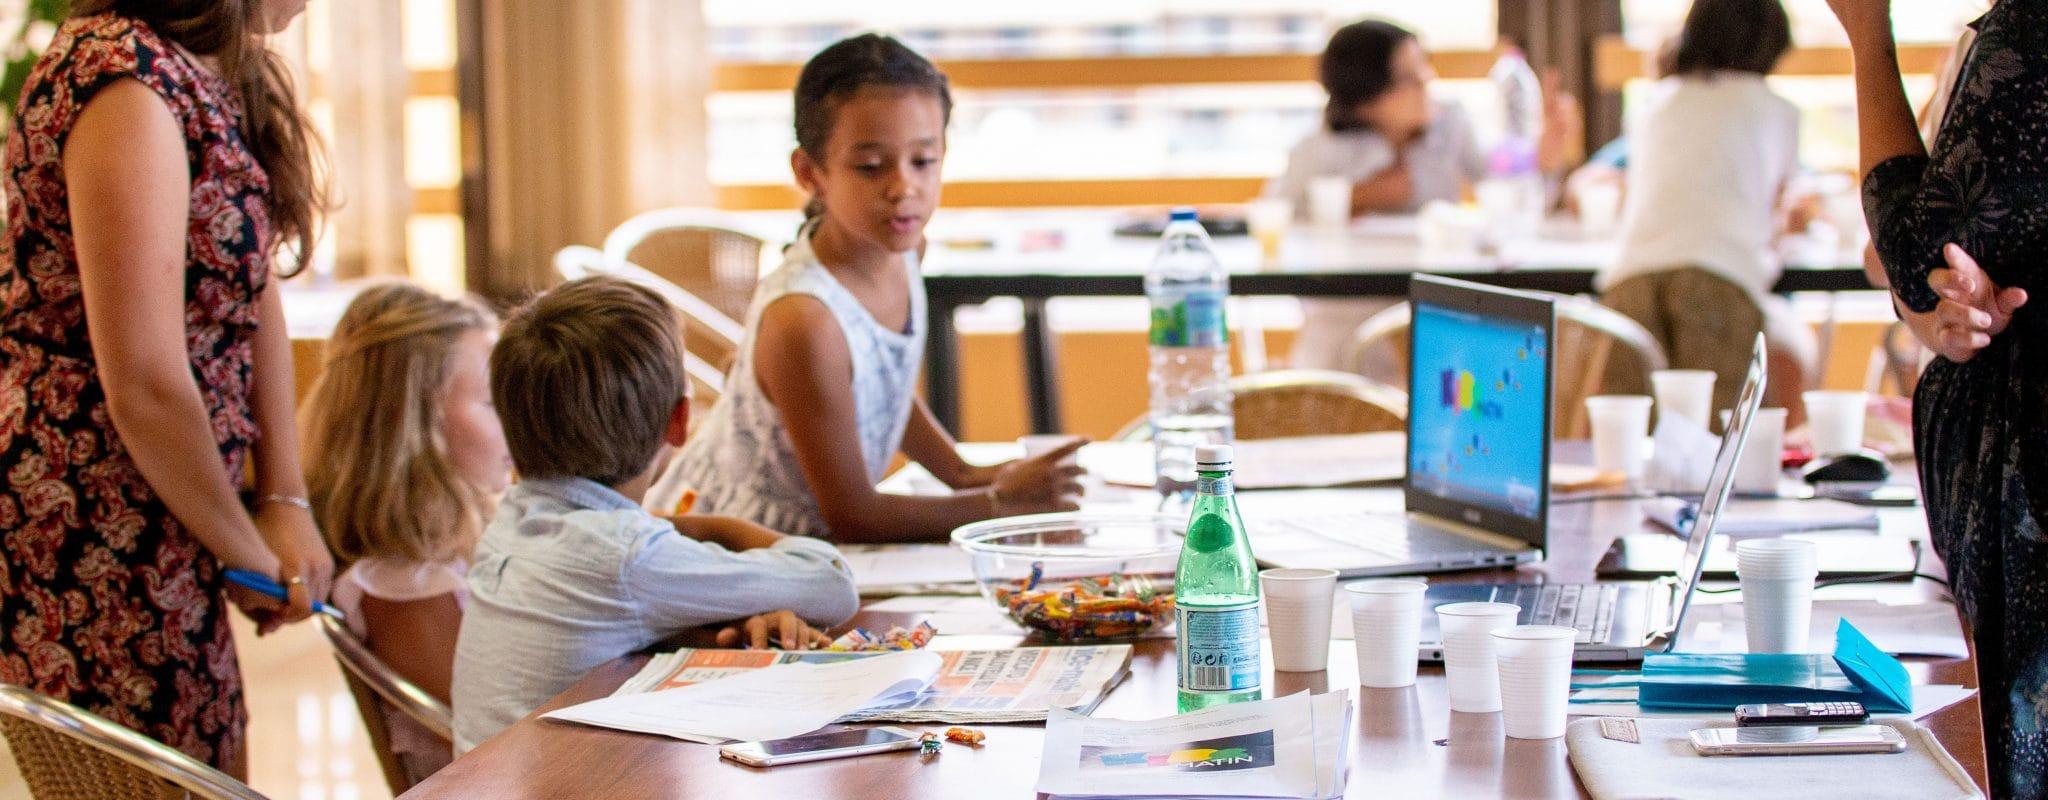 Kids-Matin : Le site d'info pour les enfants qui n'oublie pas l'éducation aux médias